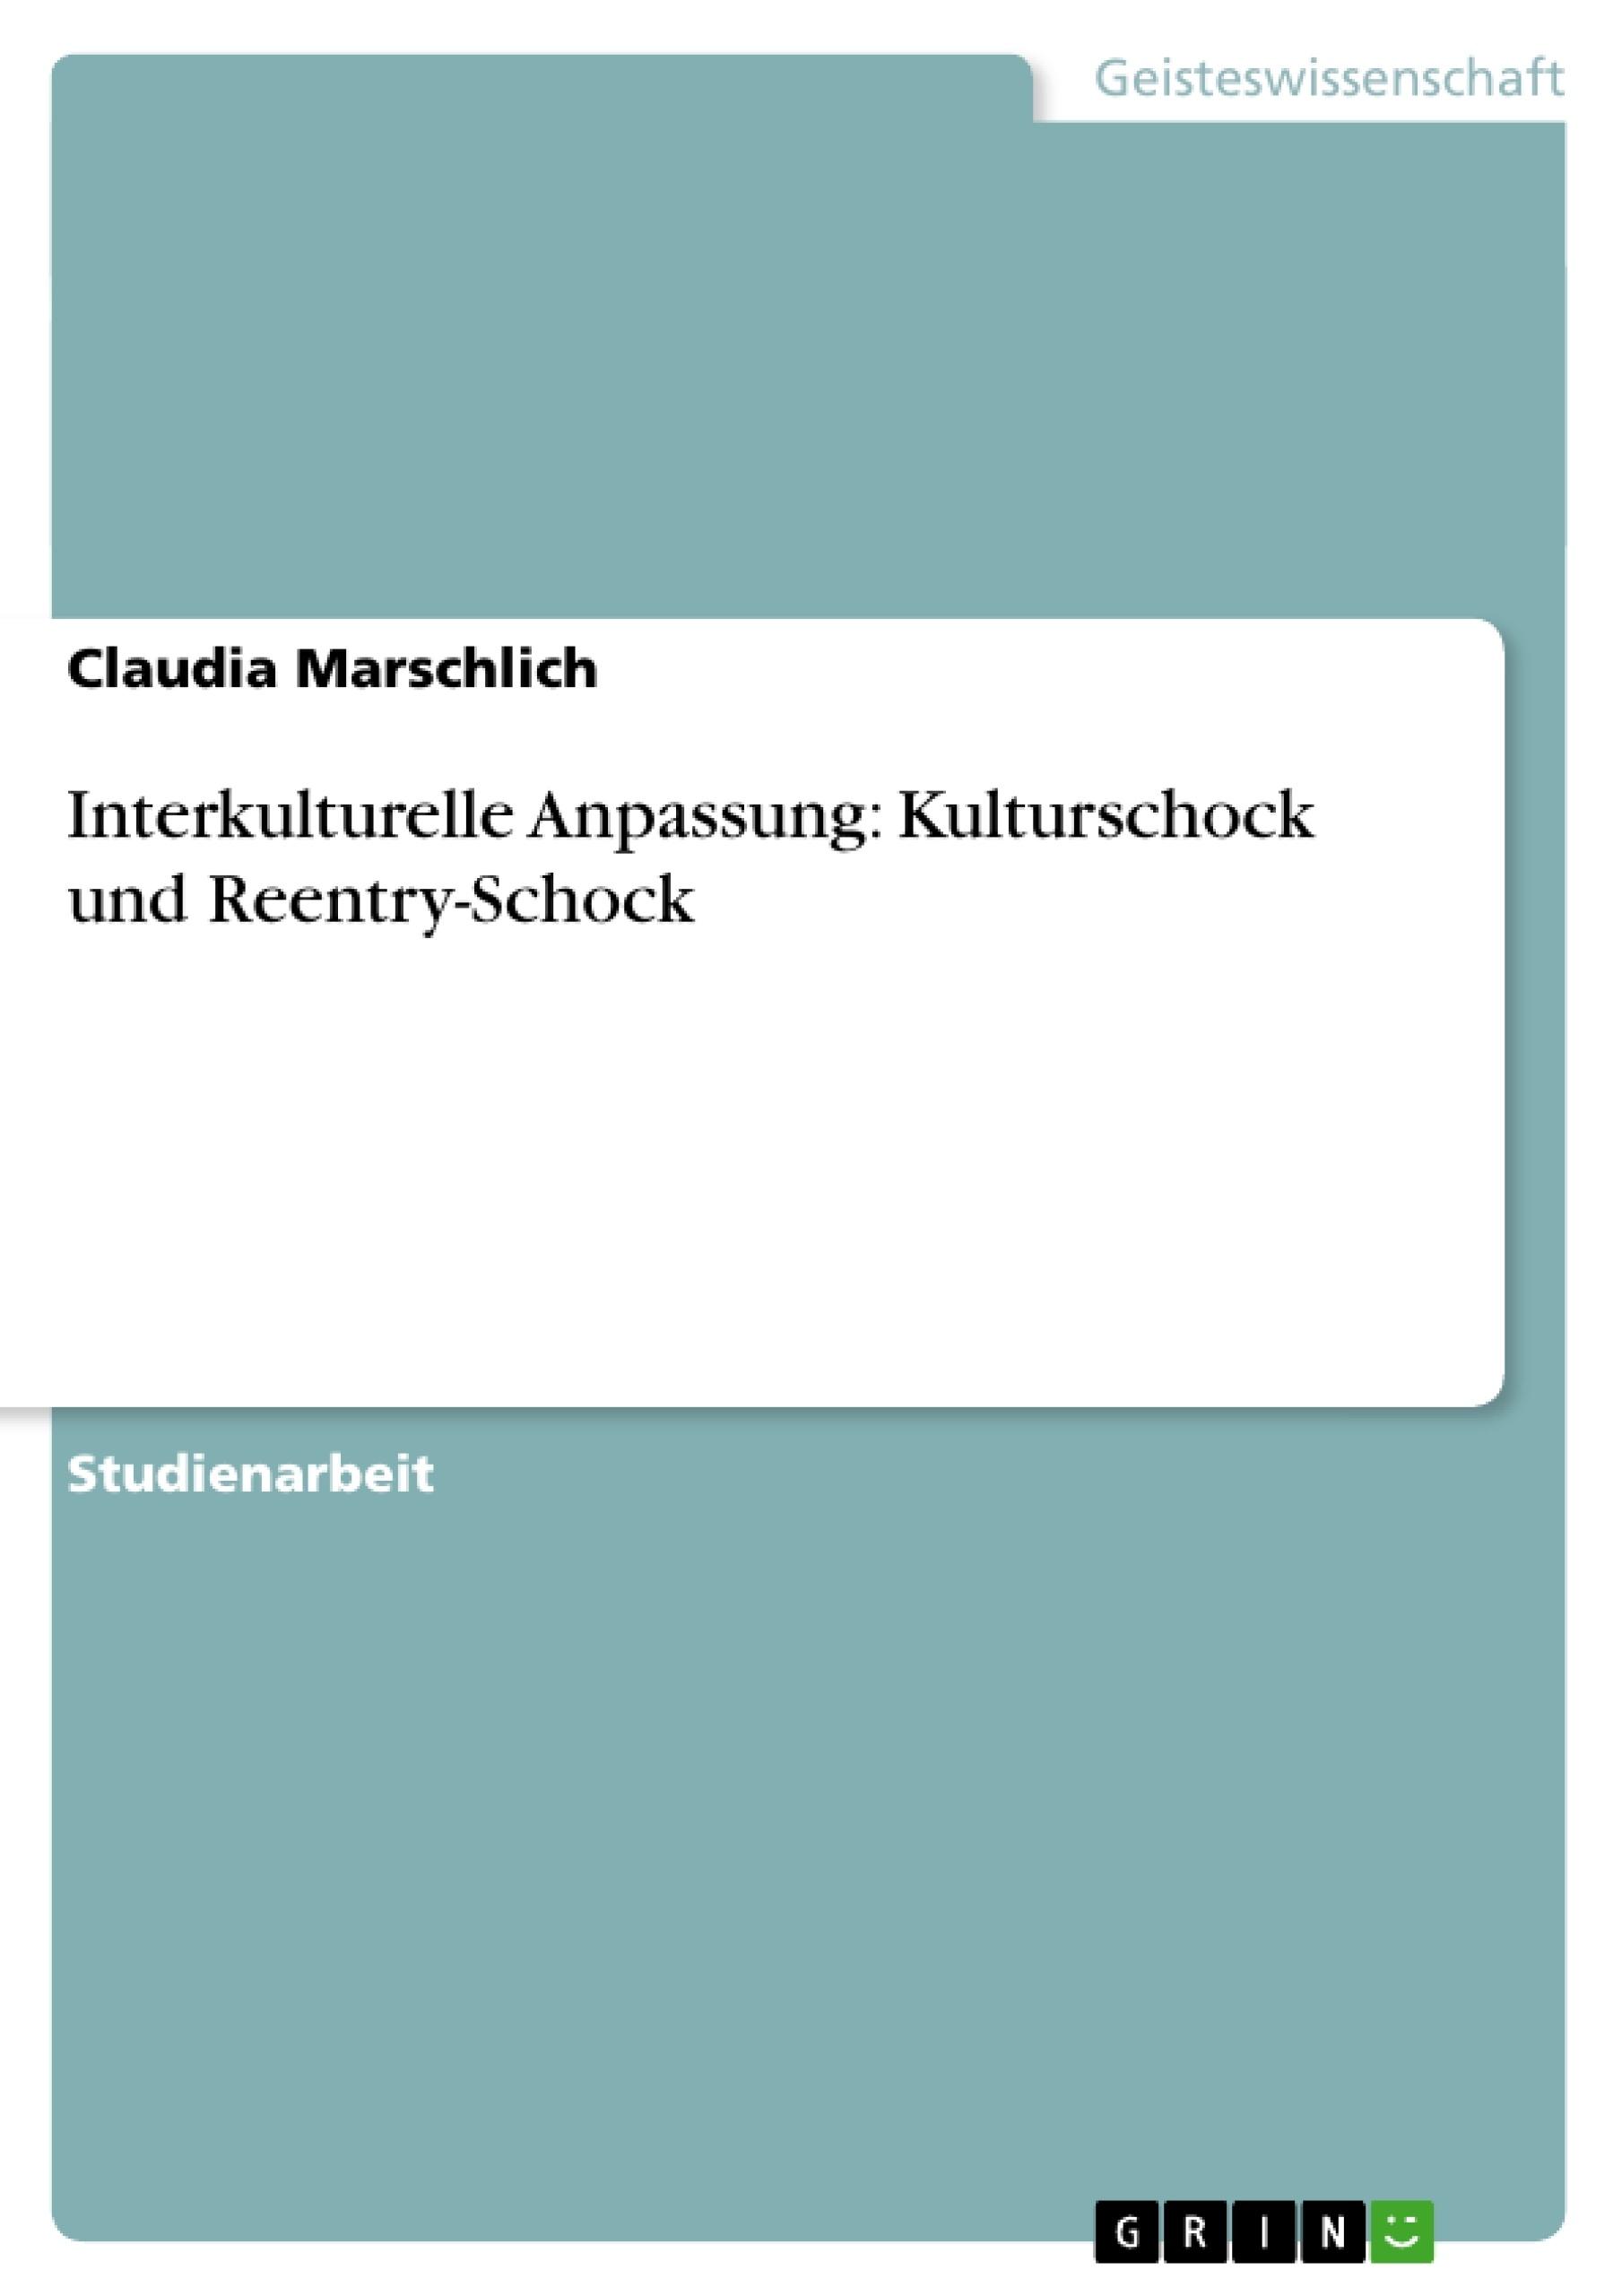 Titel: Interkulturelle Anpassung: Kulturschock und Reentry-Schock